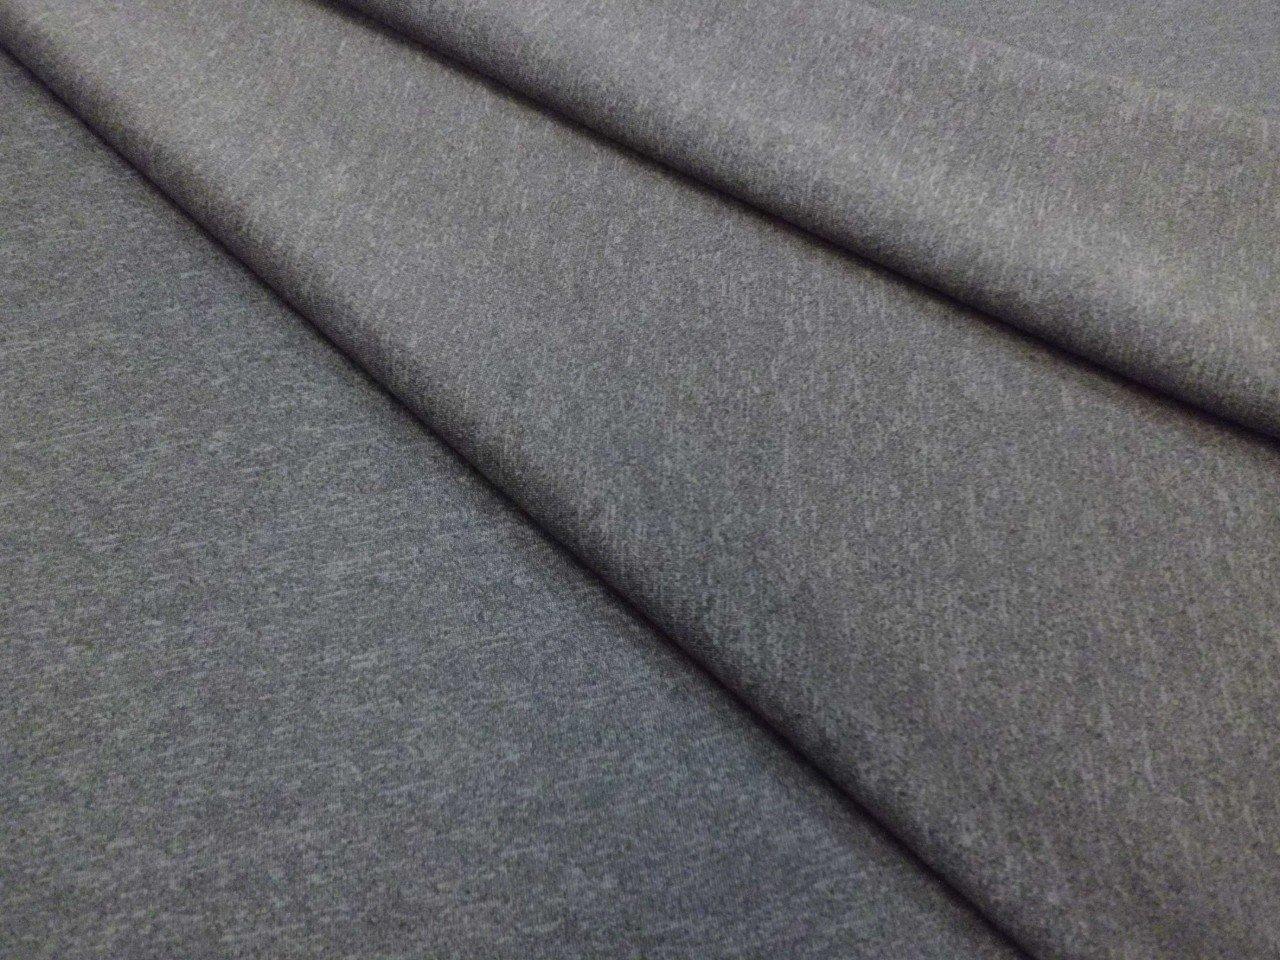 Scuba Knit in Heather Grey